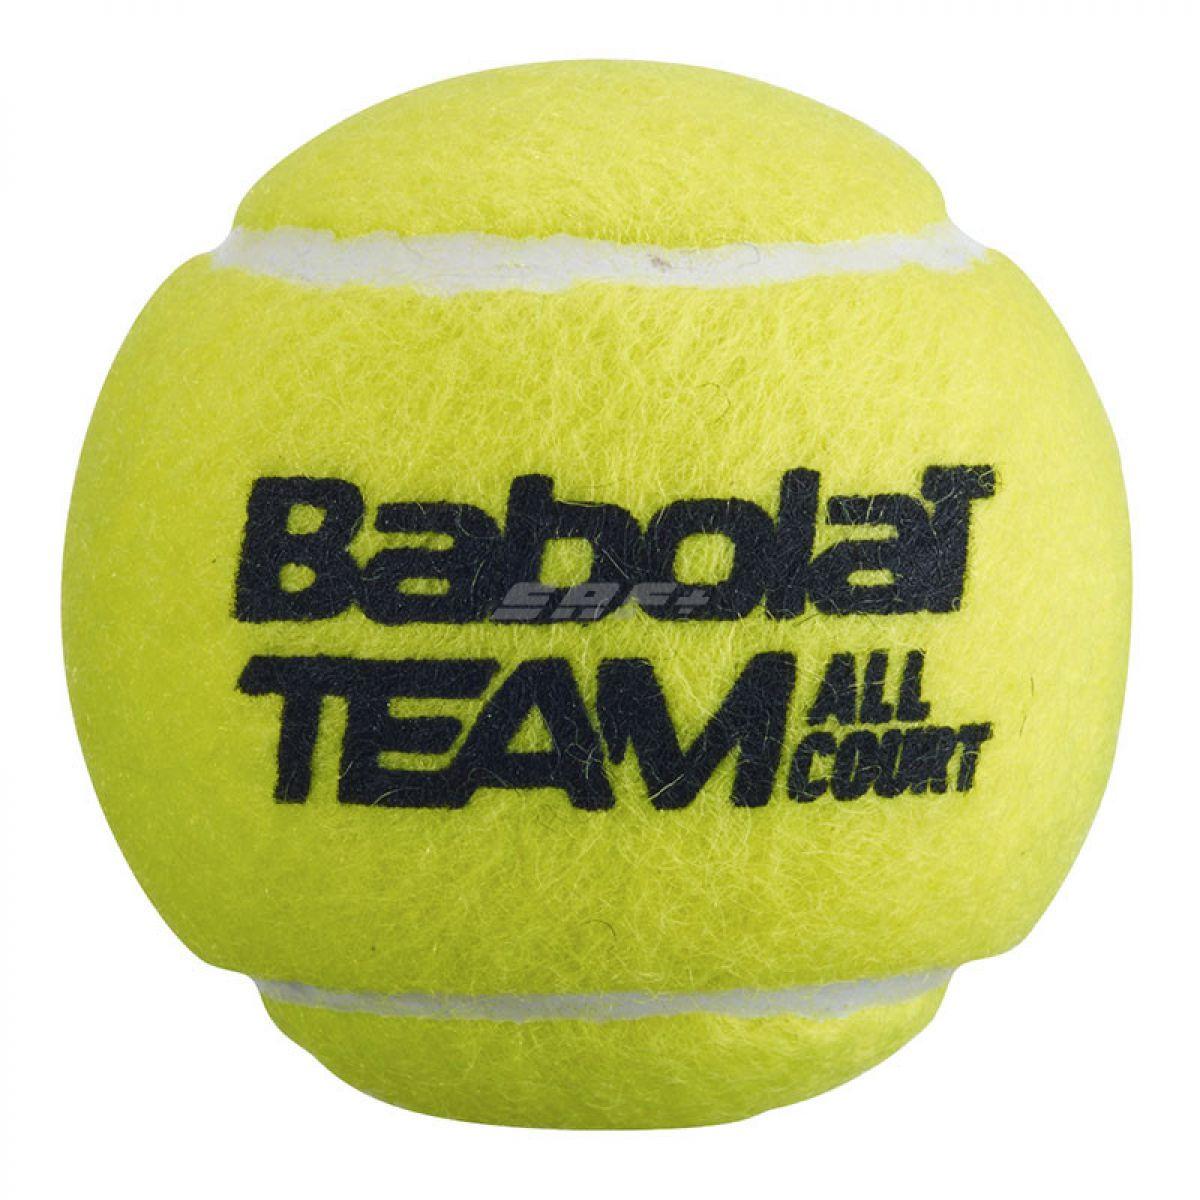 Мяч теннисный Мяч теннисный BABOLAT Team All Court,арт.501083, уп.3 шт,одобр.ITF,фетр, нат.резина,желтый